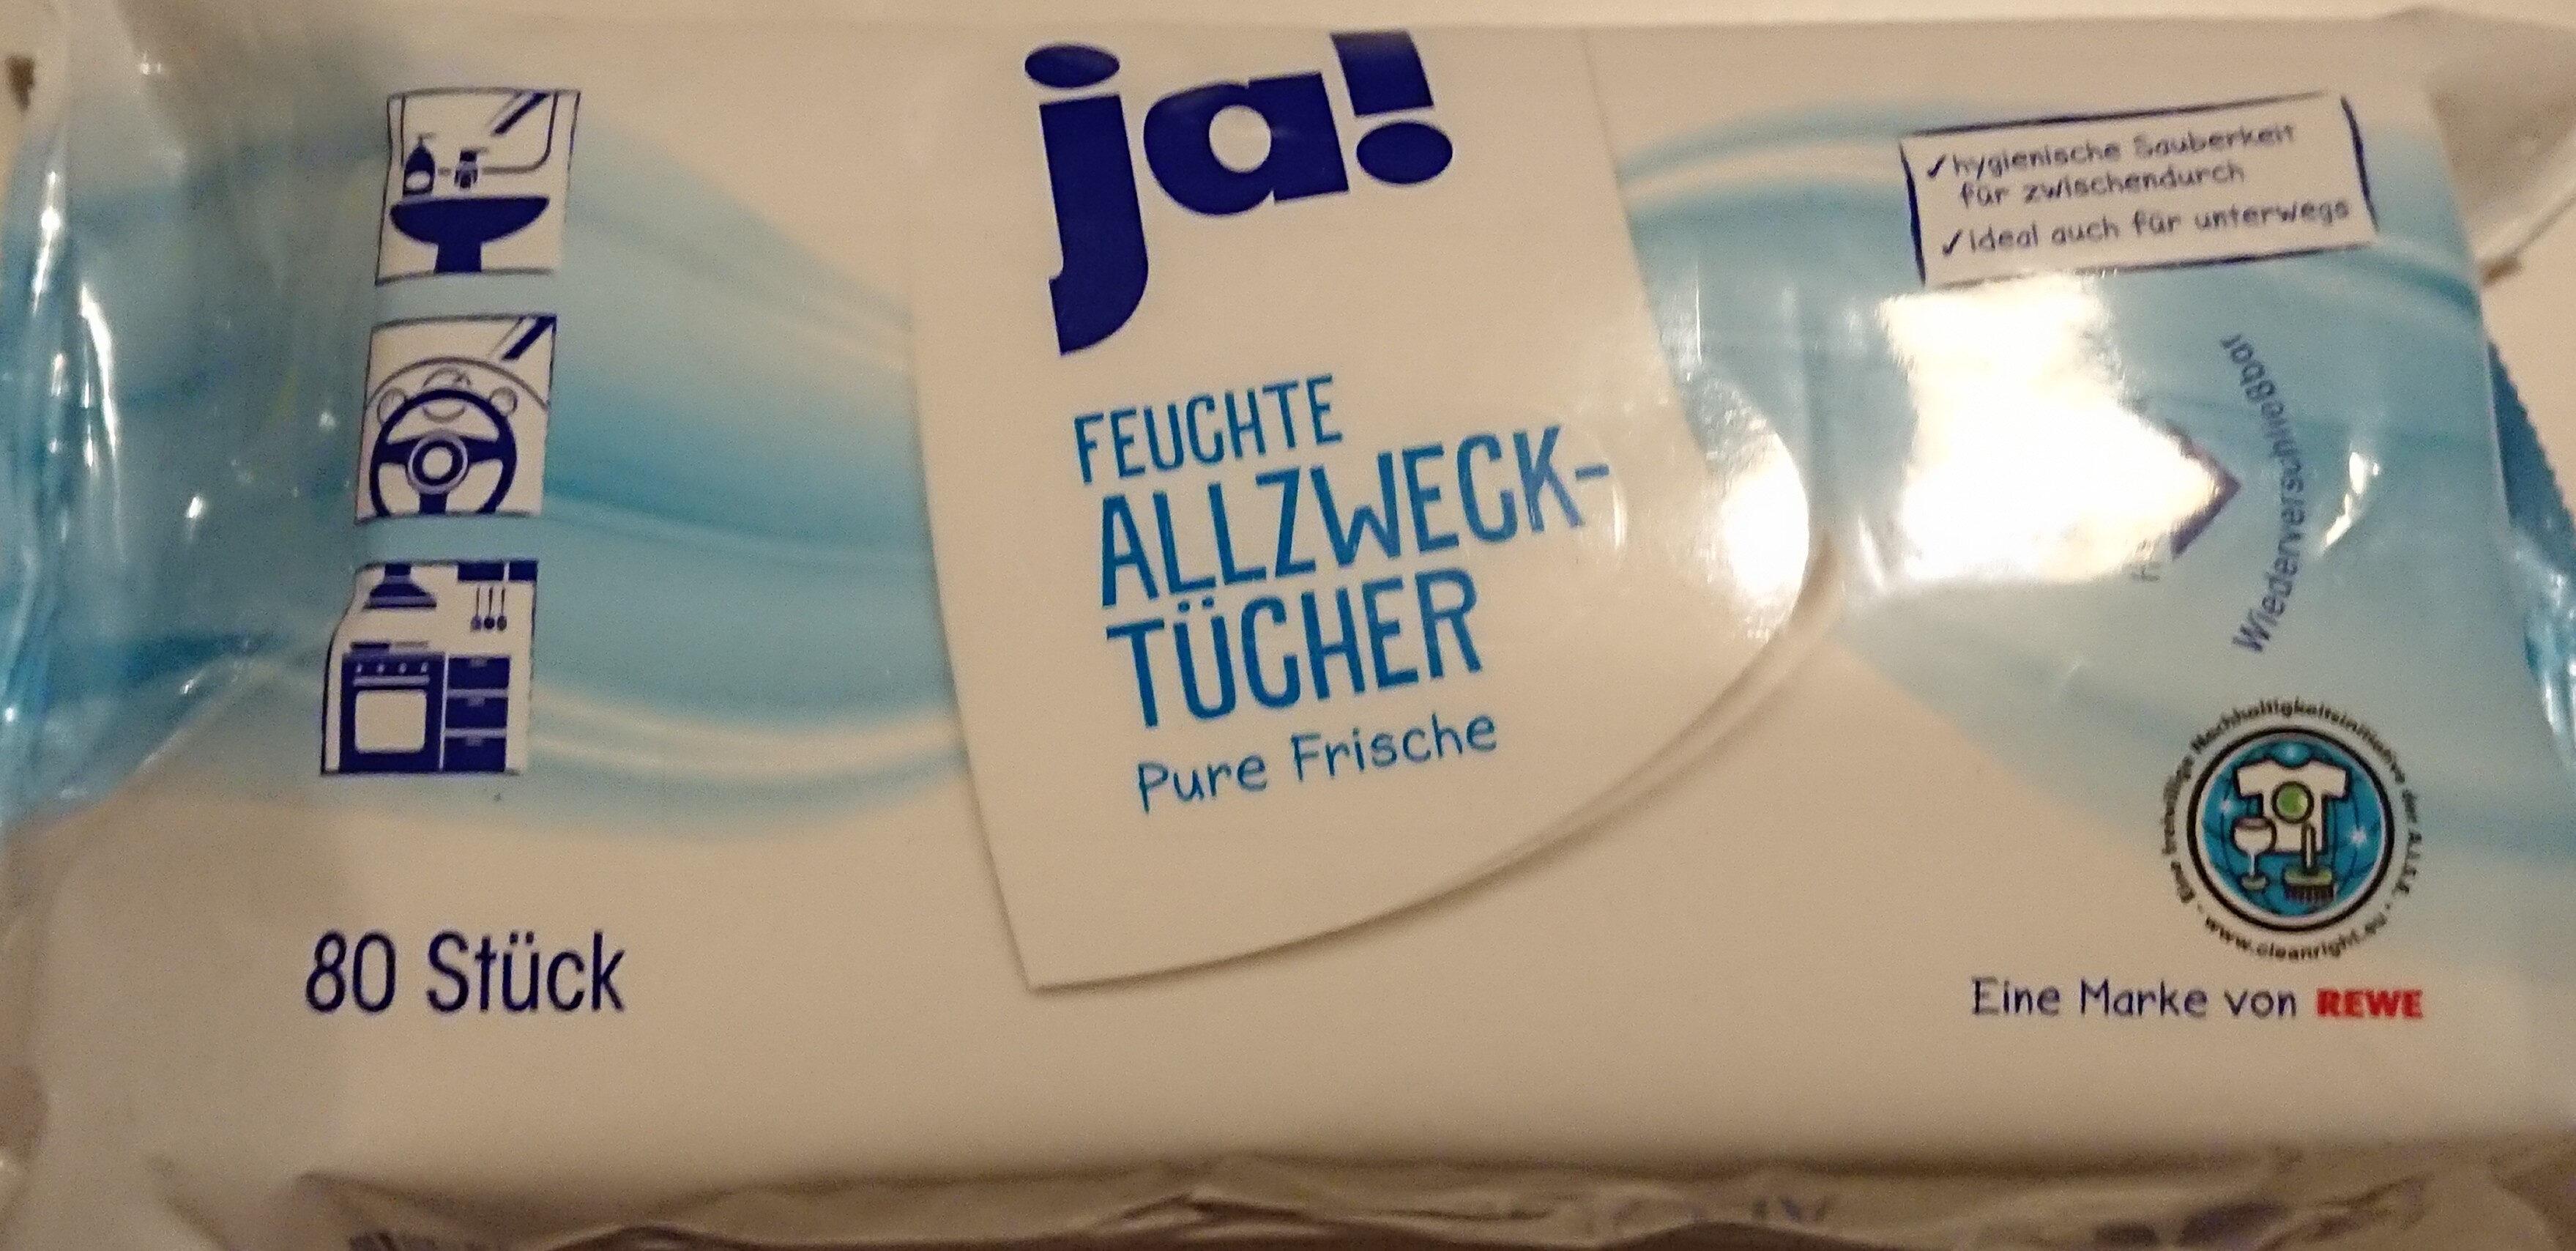 Feuchte Allzwecktücher Pure Frische - Product - de